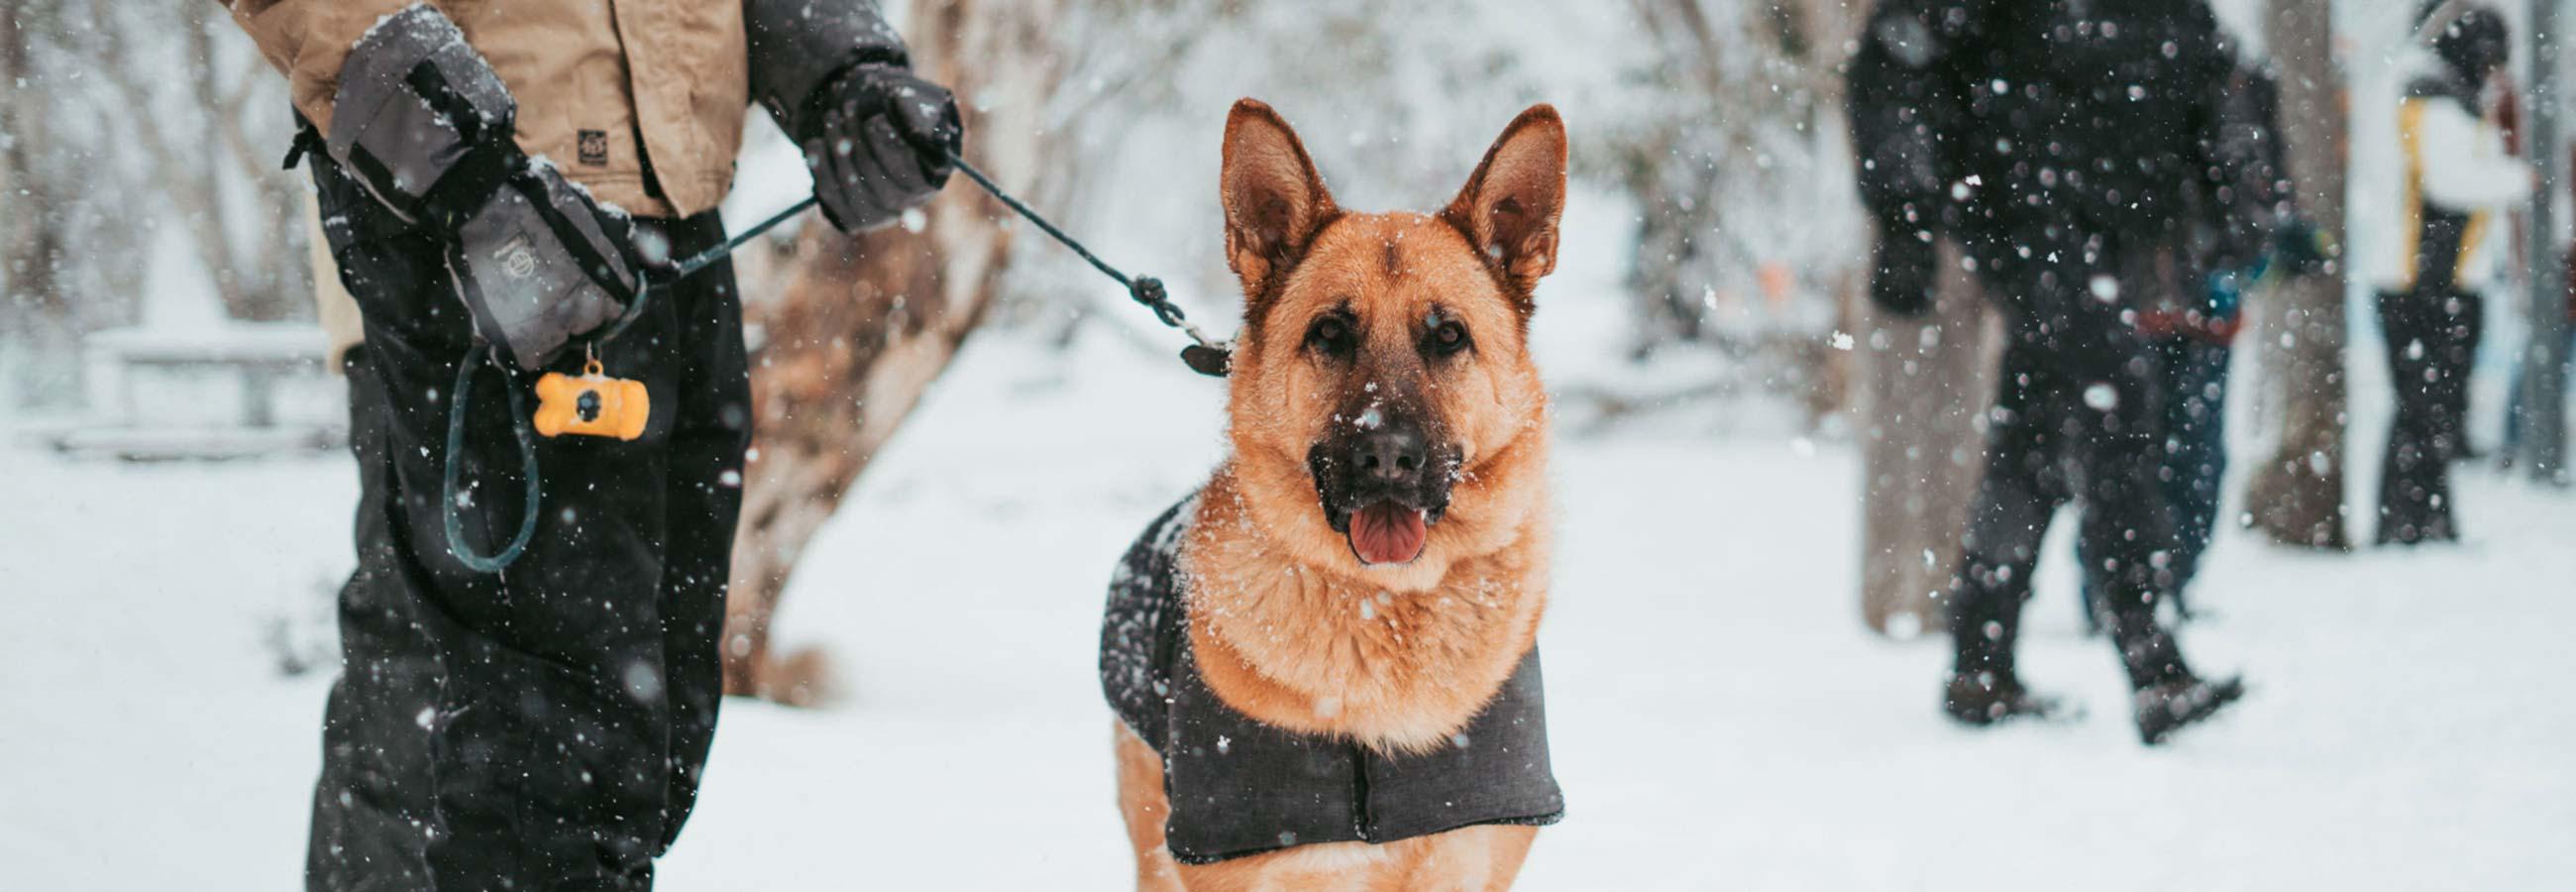 Working german shepard in the snow